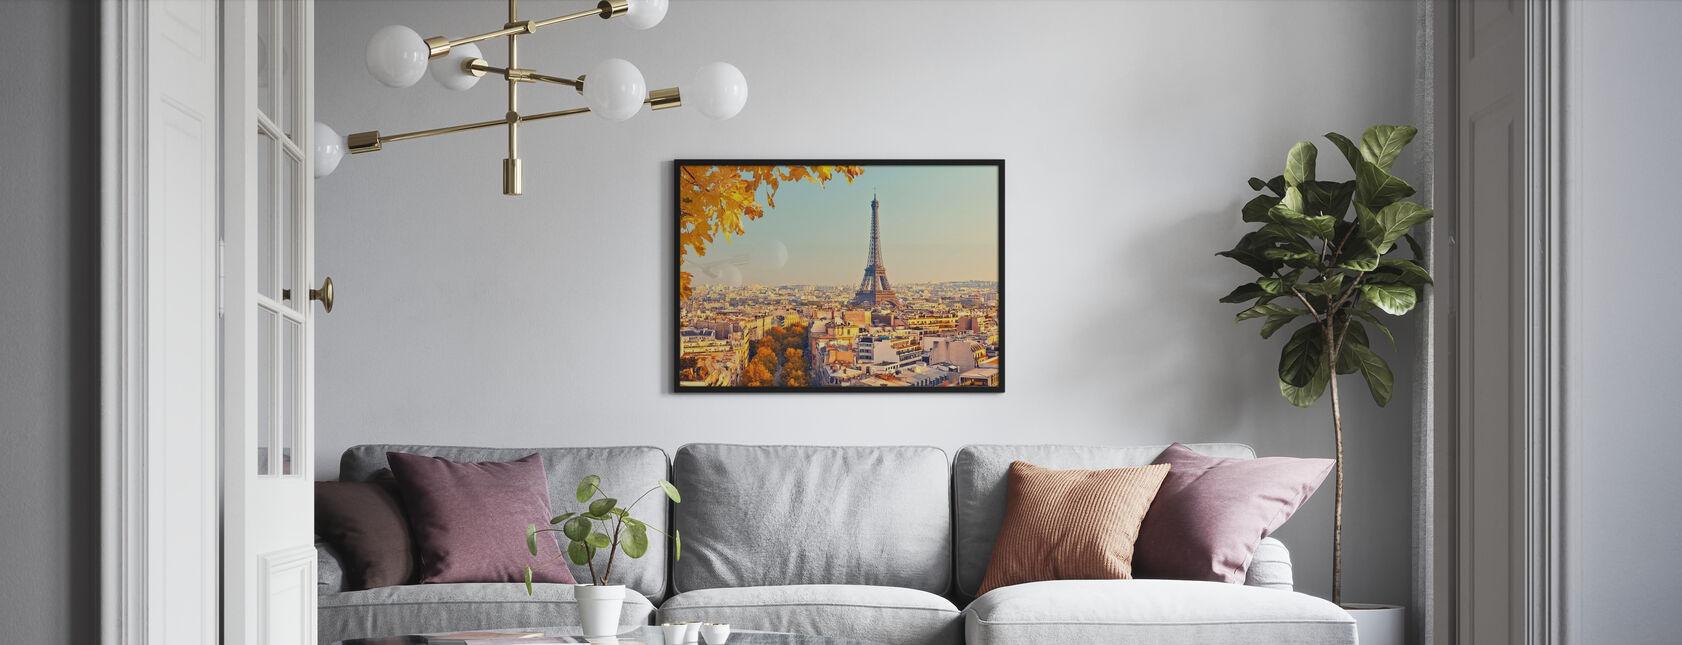 Eiffel-torni syksyn näkymä - Kehystetty kuva - Olohuone